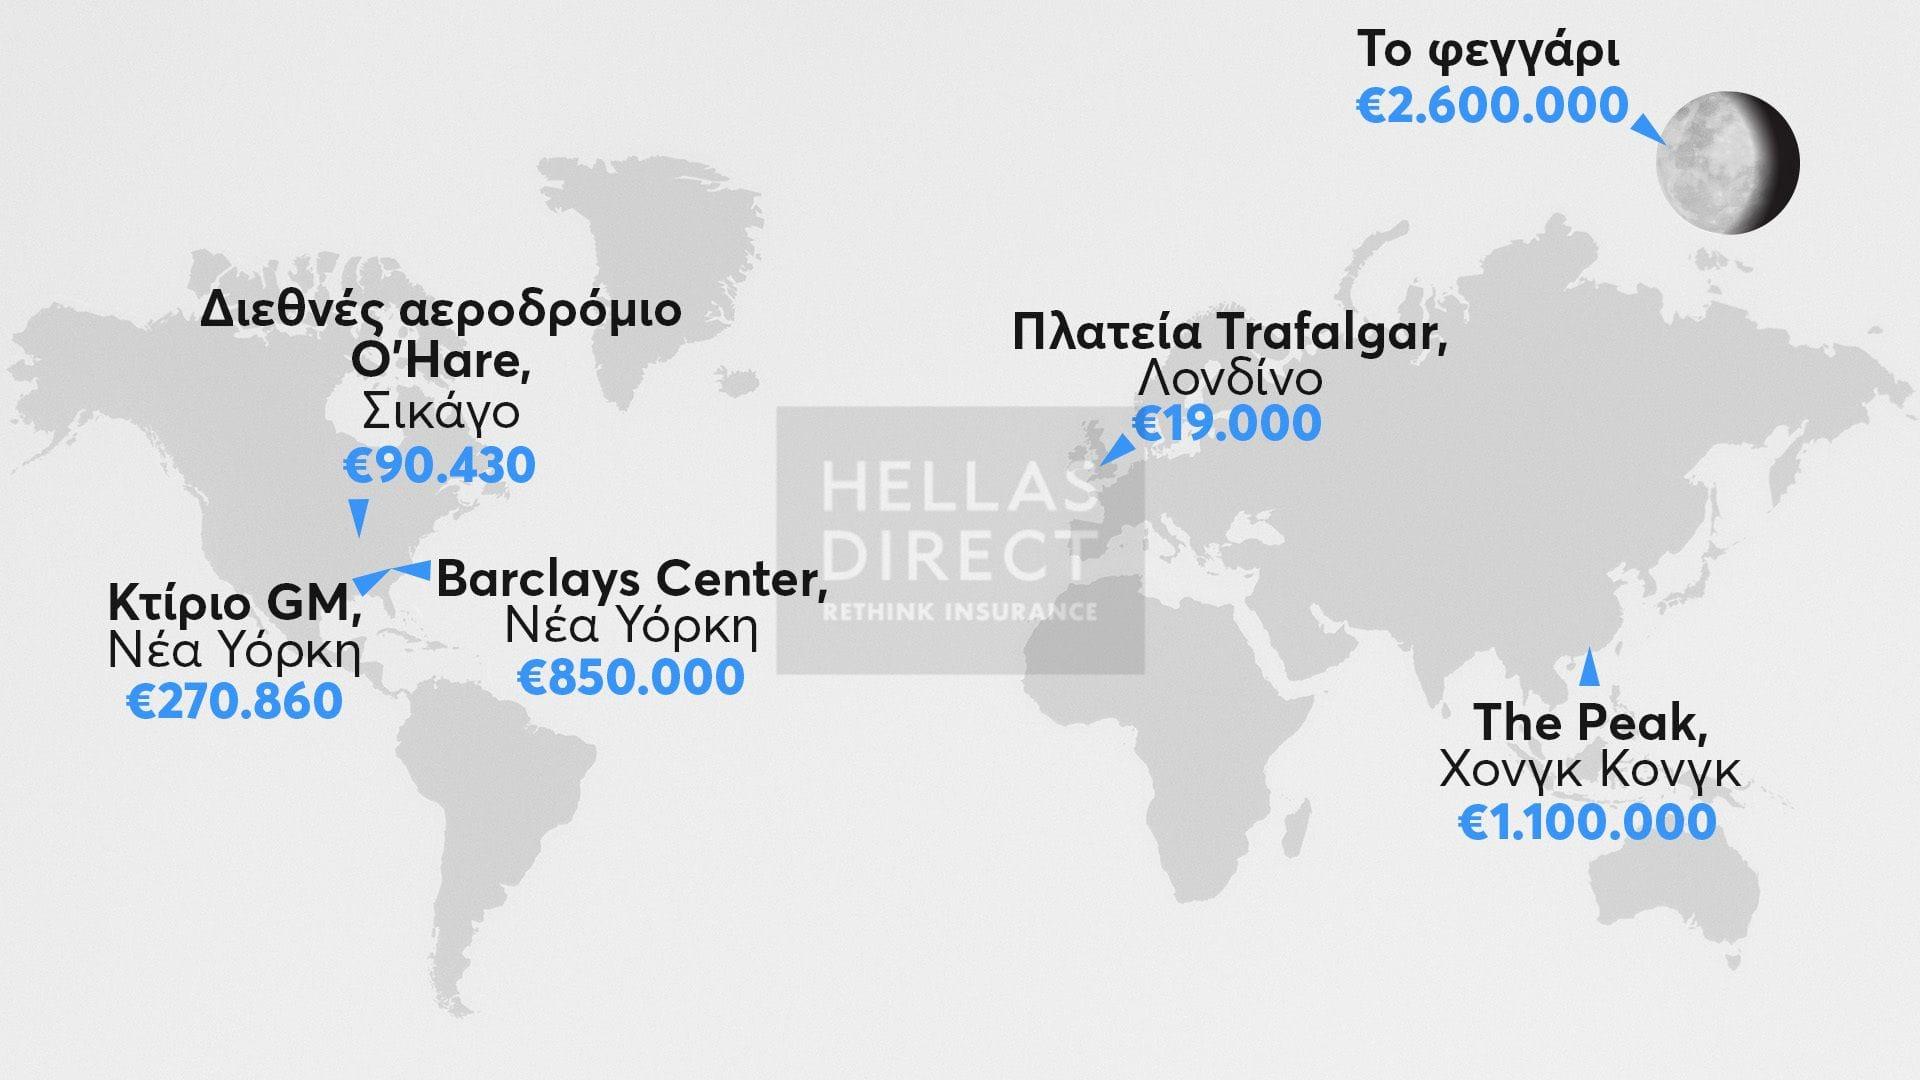 Σχεδιάγραμμα του παγκόσμιου χάρτη με τις πιο ακριβές θέσεις παρκαρίσματος στον κόσμο